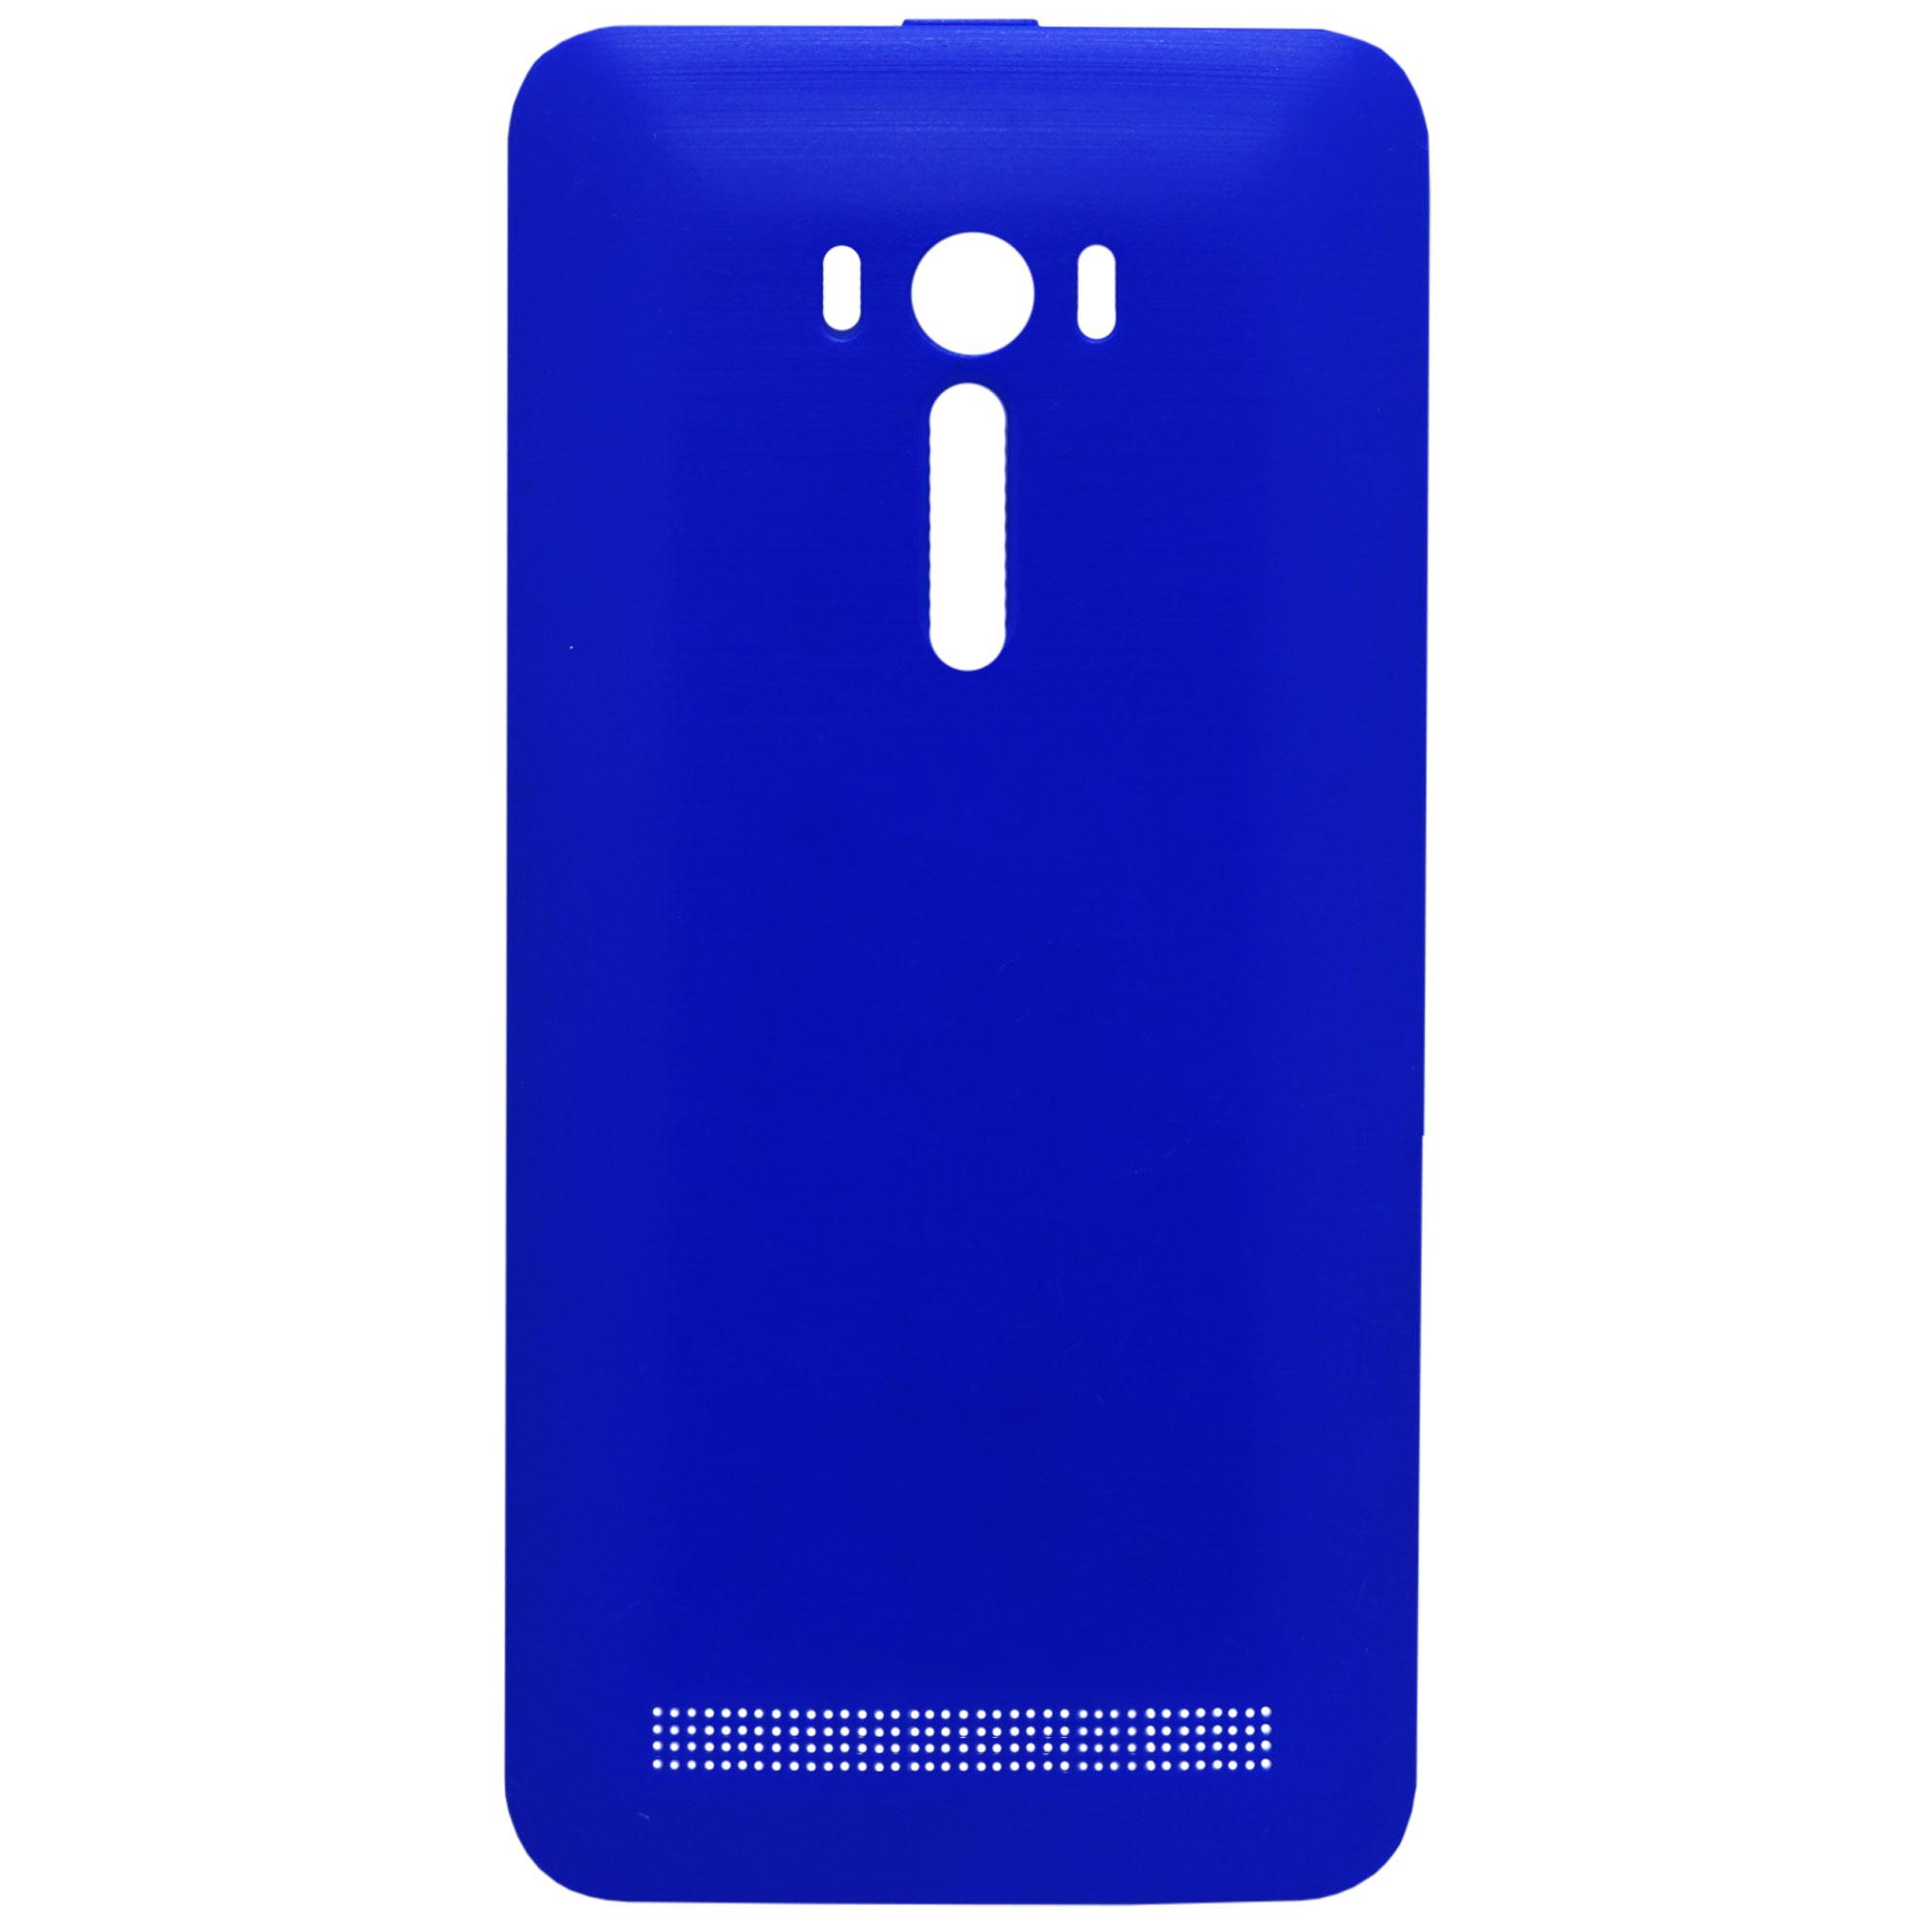 در پشت گوشی مدل BK-01 مناسب برای گوشی موبایل ایسوس Zenfone Selfie / ZD551KL